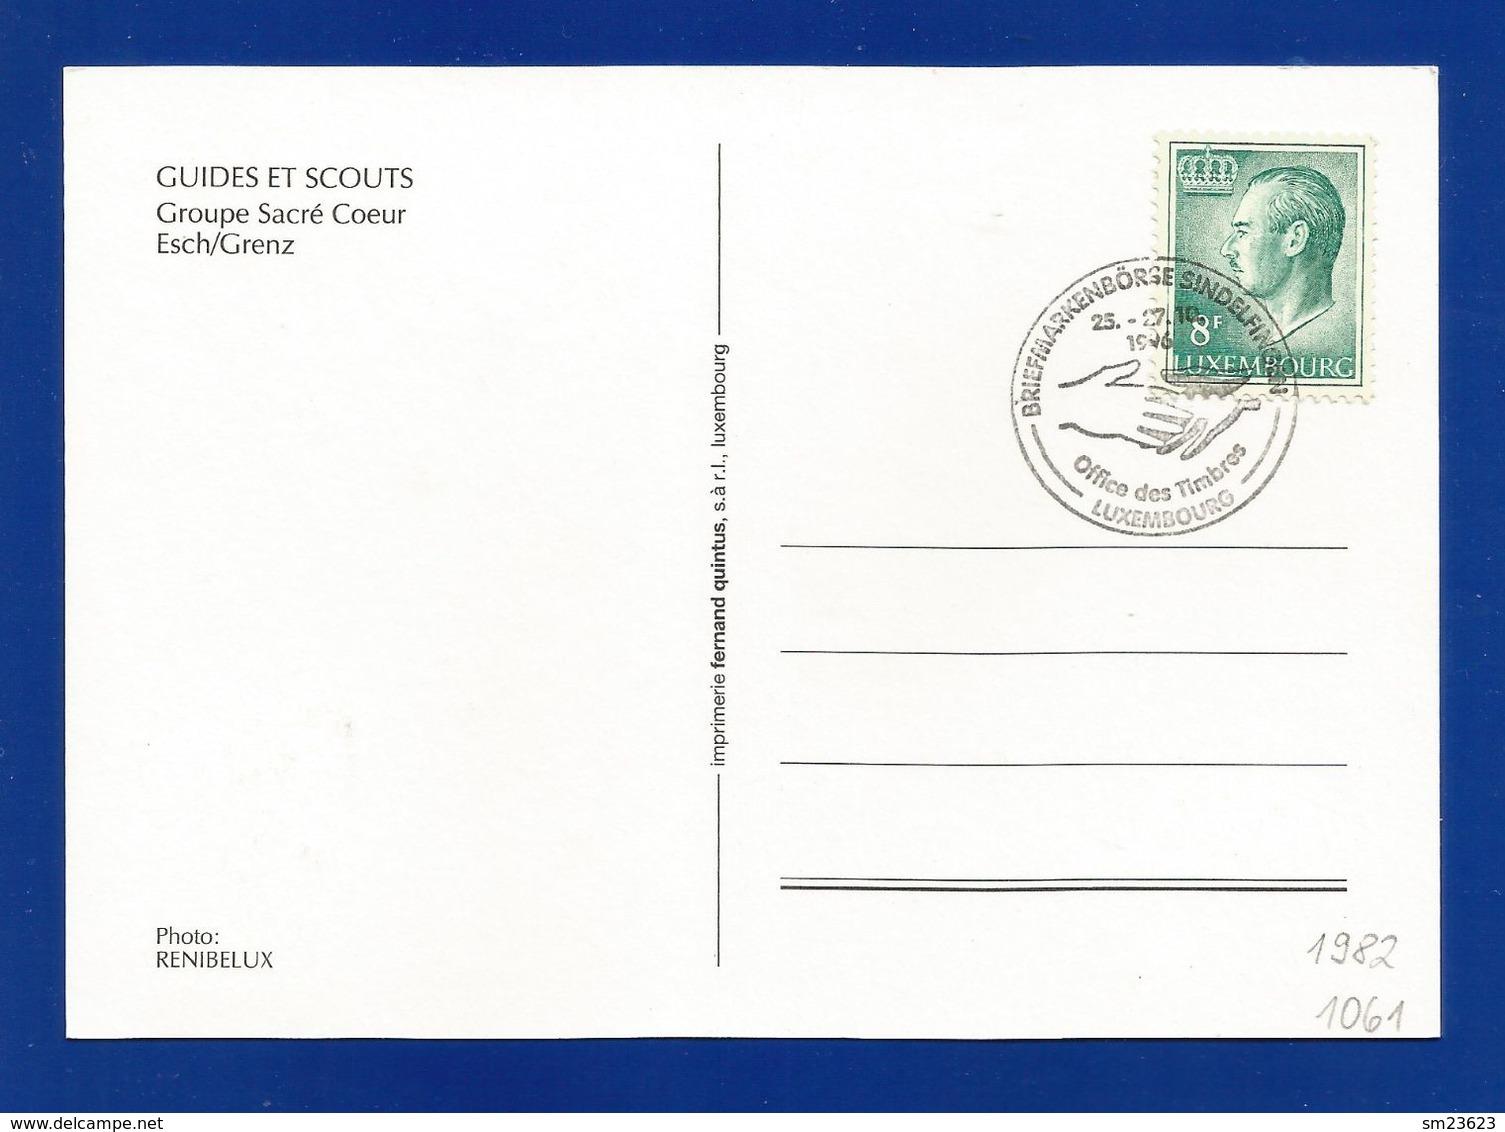 Luxemburg 1982  Mi.Nr. 1061 , Guides Et Scouts - Groupe Sacre Coeur Esch/Grenz - Maximum Card - S Stempel 25.-27.10.1996 - Cartes Maximum